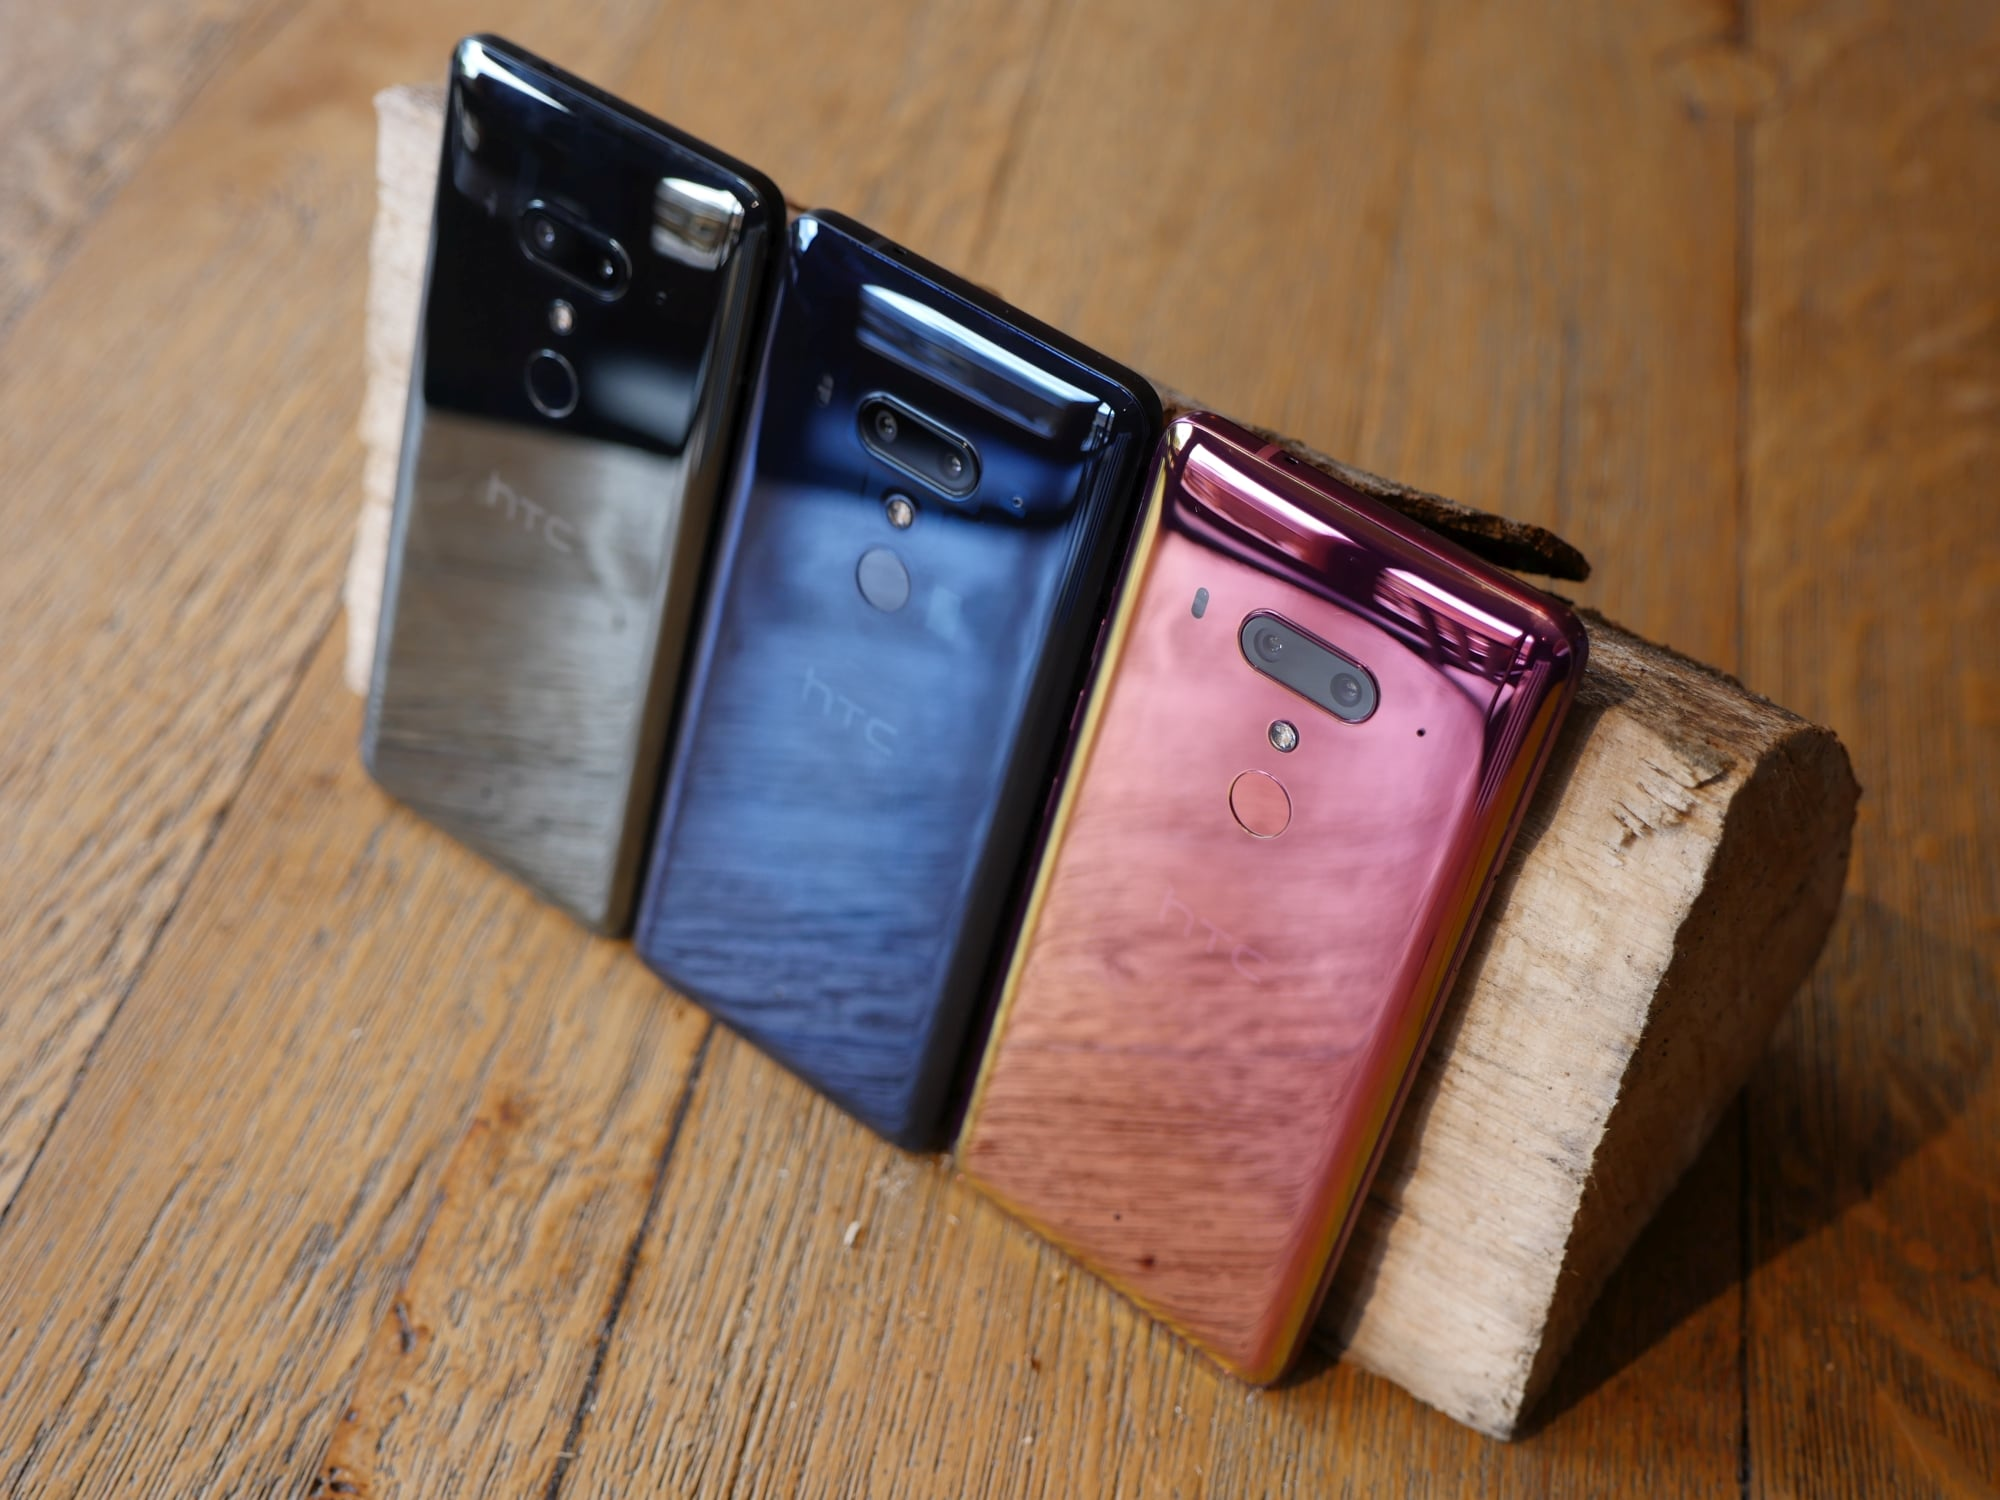 Recenzja HTC U12+ - cieszy rozbudowane Edge Sense, martwią cyfrowe przyciski